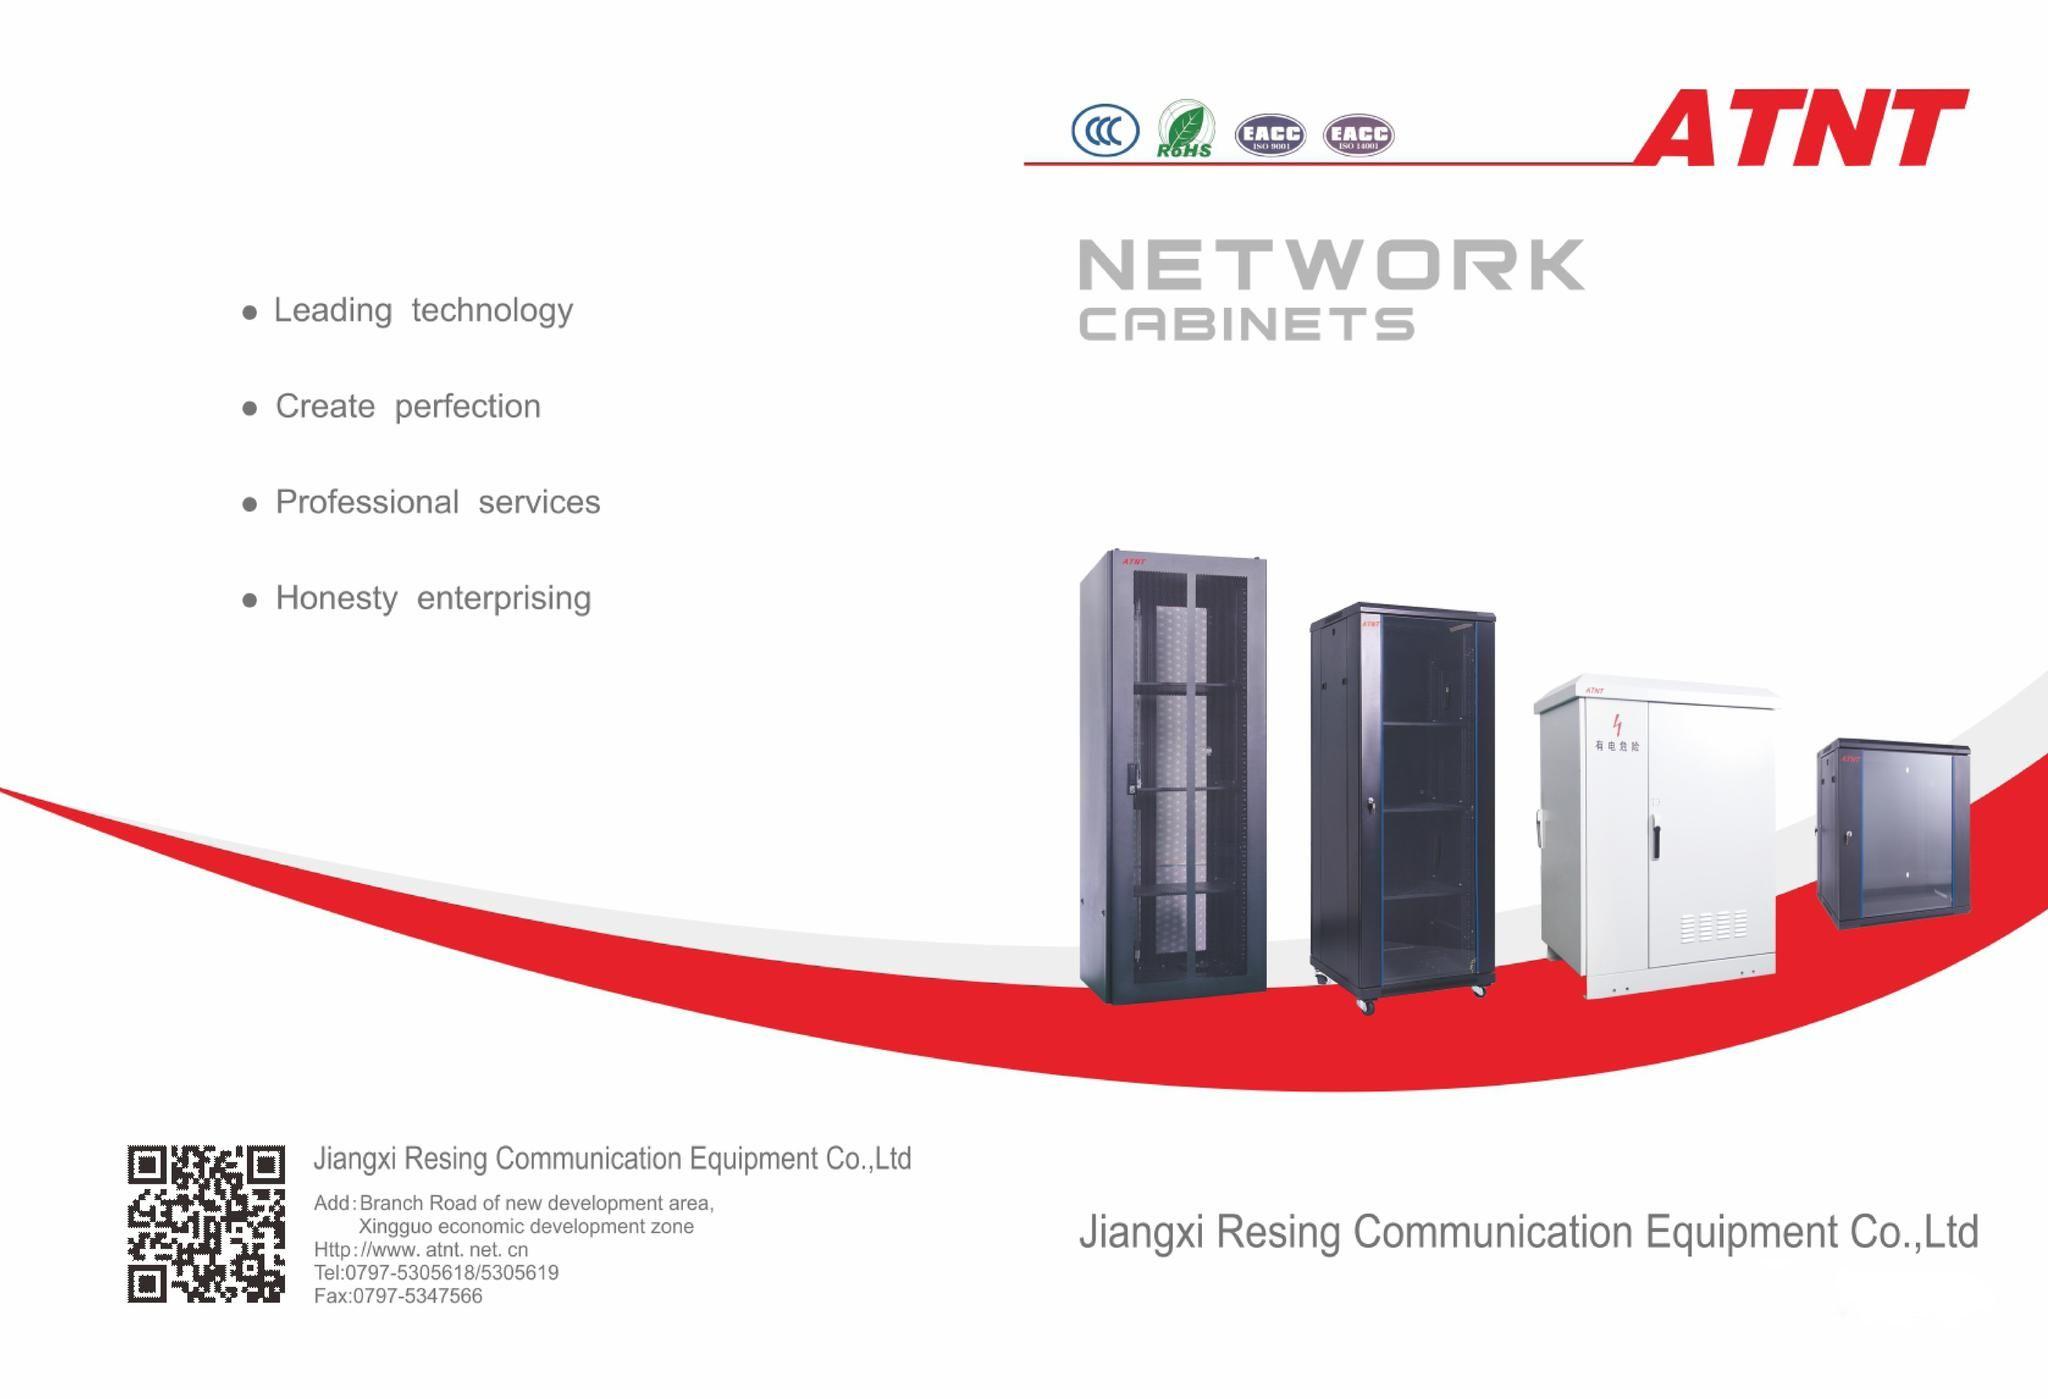 Jiangxi Resing Communication Equipment Co., Ltd